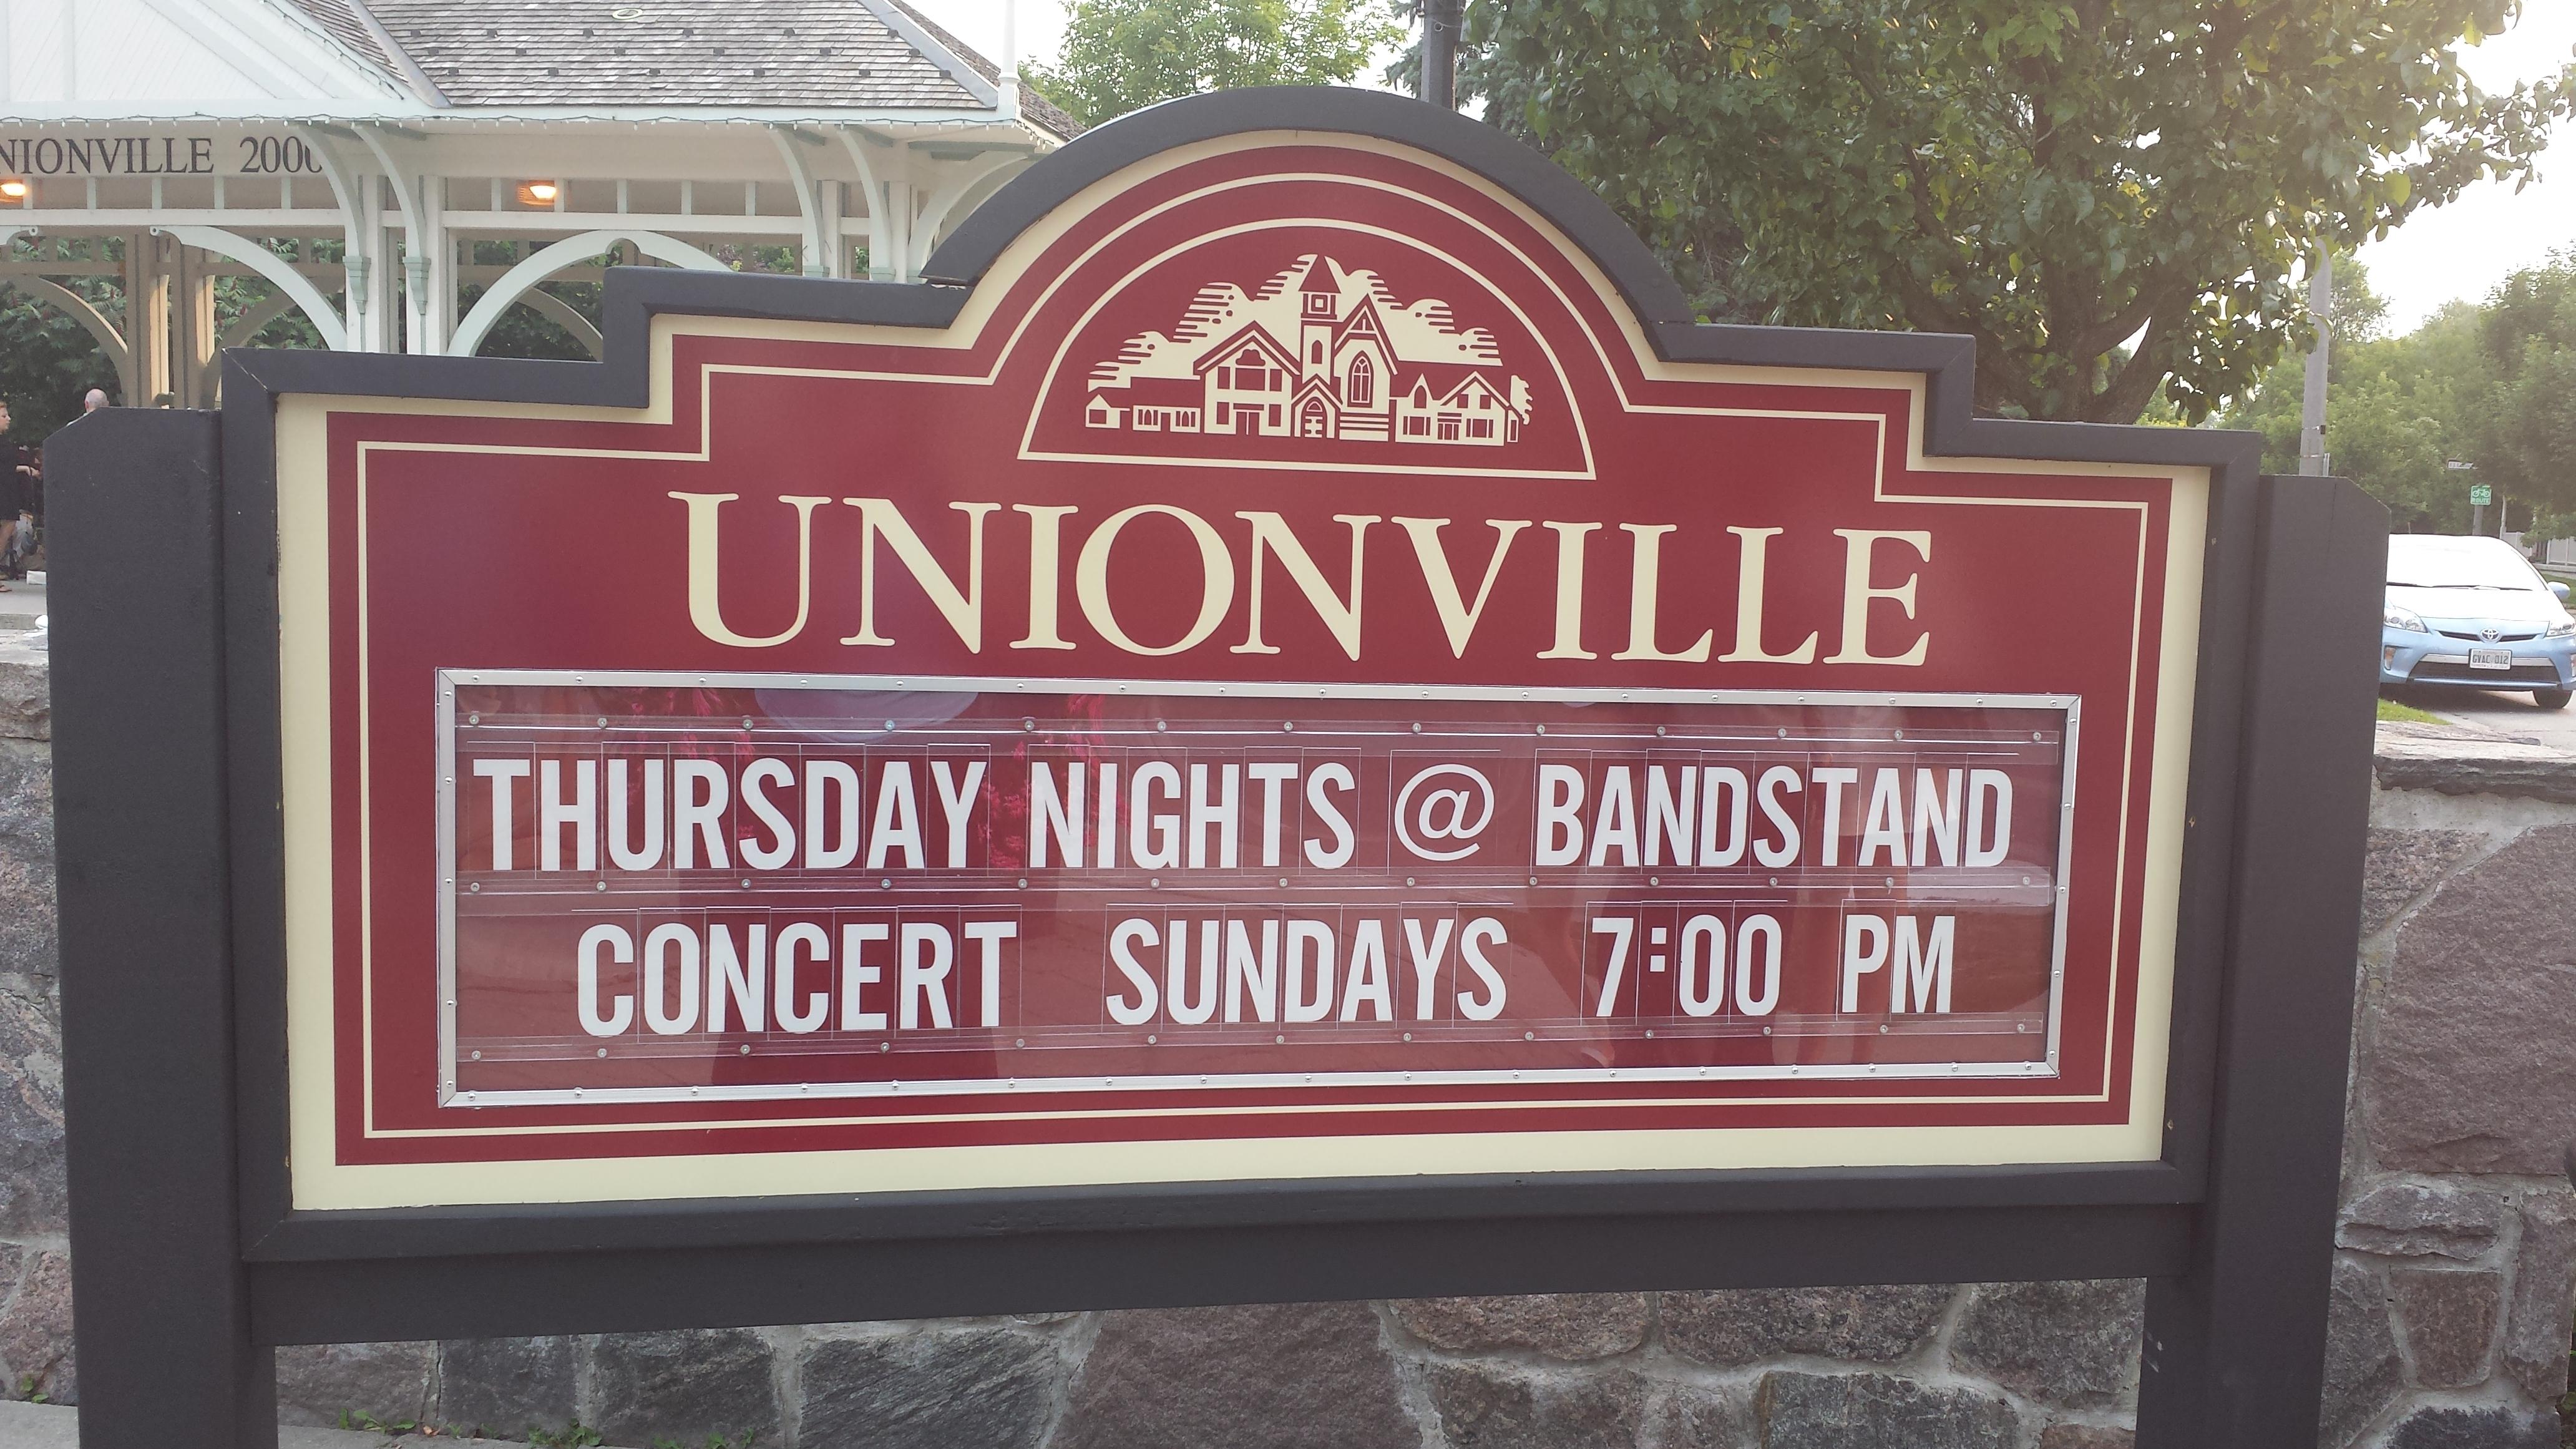 Bandstand sign